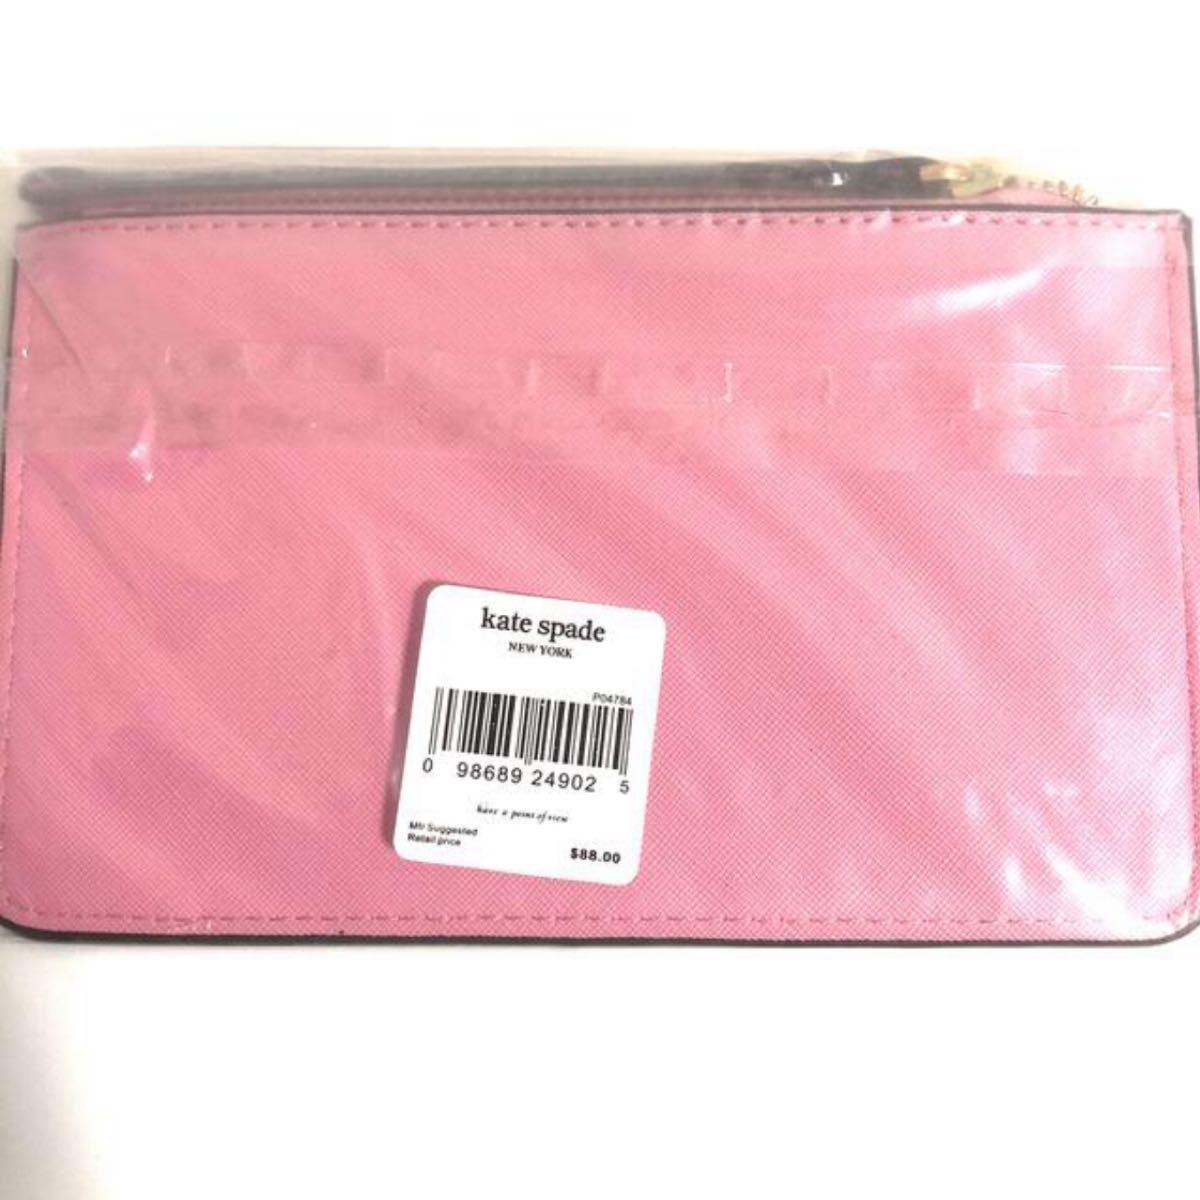 ケイトスペード マルチポーチ ピンク 化粧品 カード入れ パスケース ミニポーチ 定期入れ 小物入れ コインケース 小銭入れ